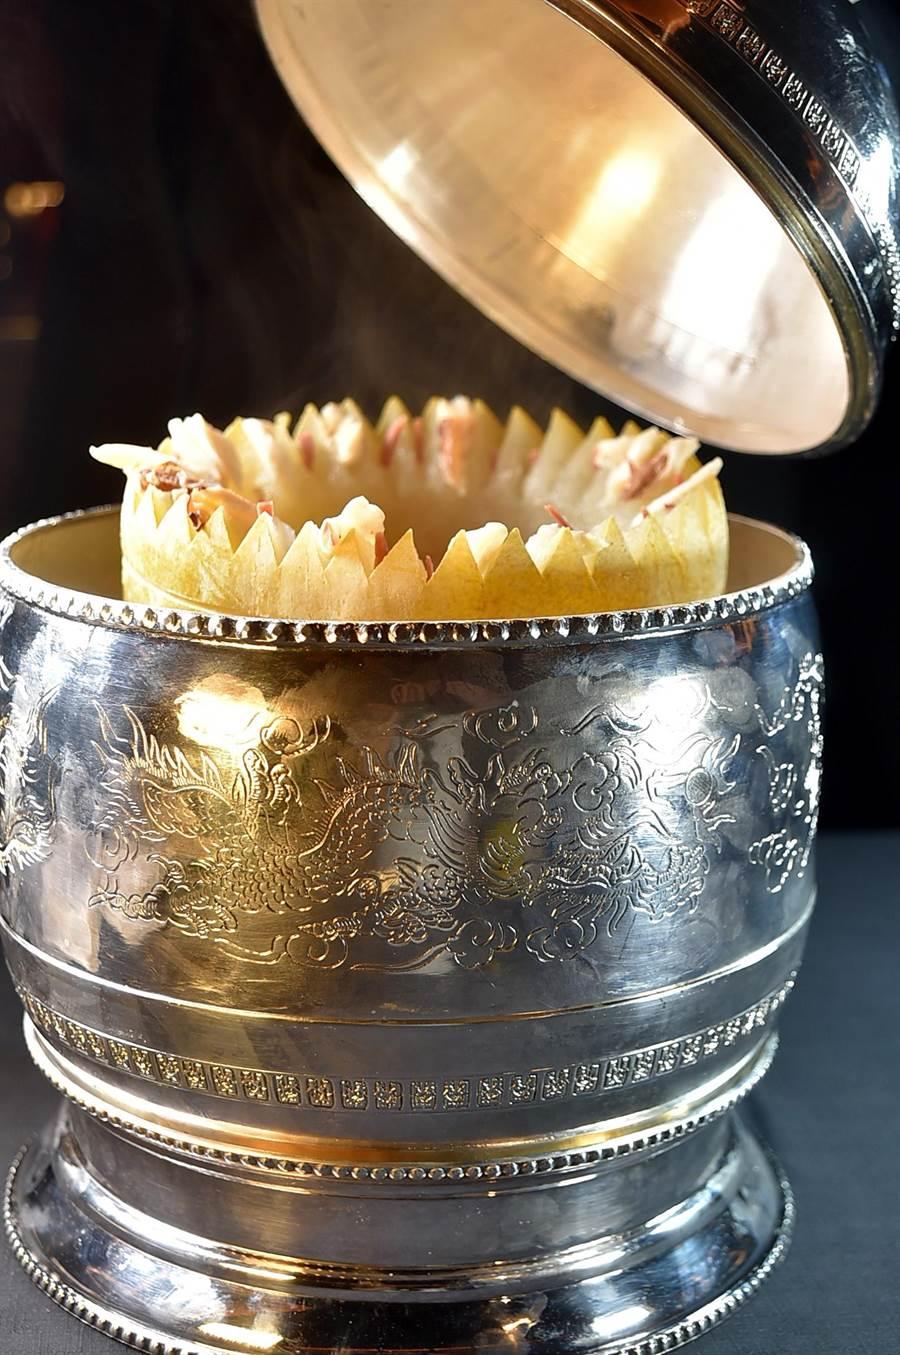 〈晶華軒〉主廚鄔海明繼〈西施泡飯〉之後,再推出頂級美味湯品〈上湯冬瓜盅〉,鮮湯用整顆大冬瓜盛裝煲製,最外層並用純銀器罩著,非常「貴氣」。(圖/姚舜)